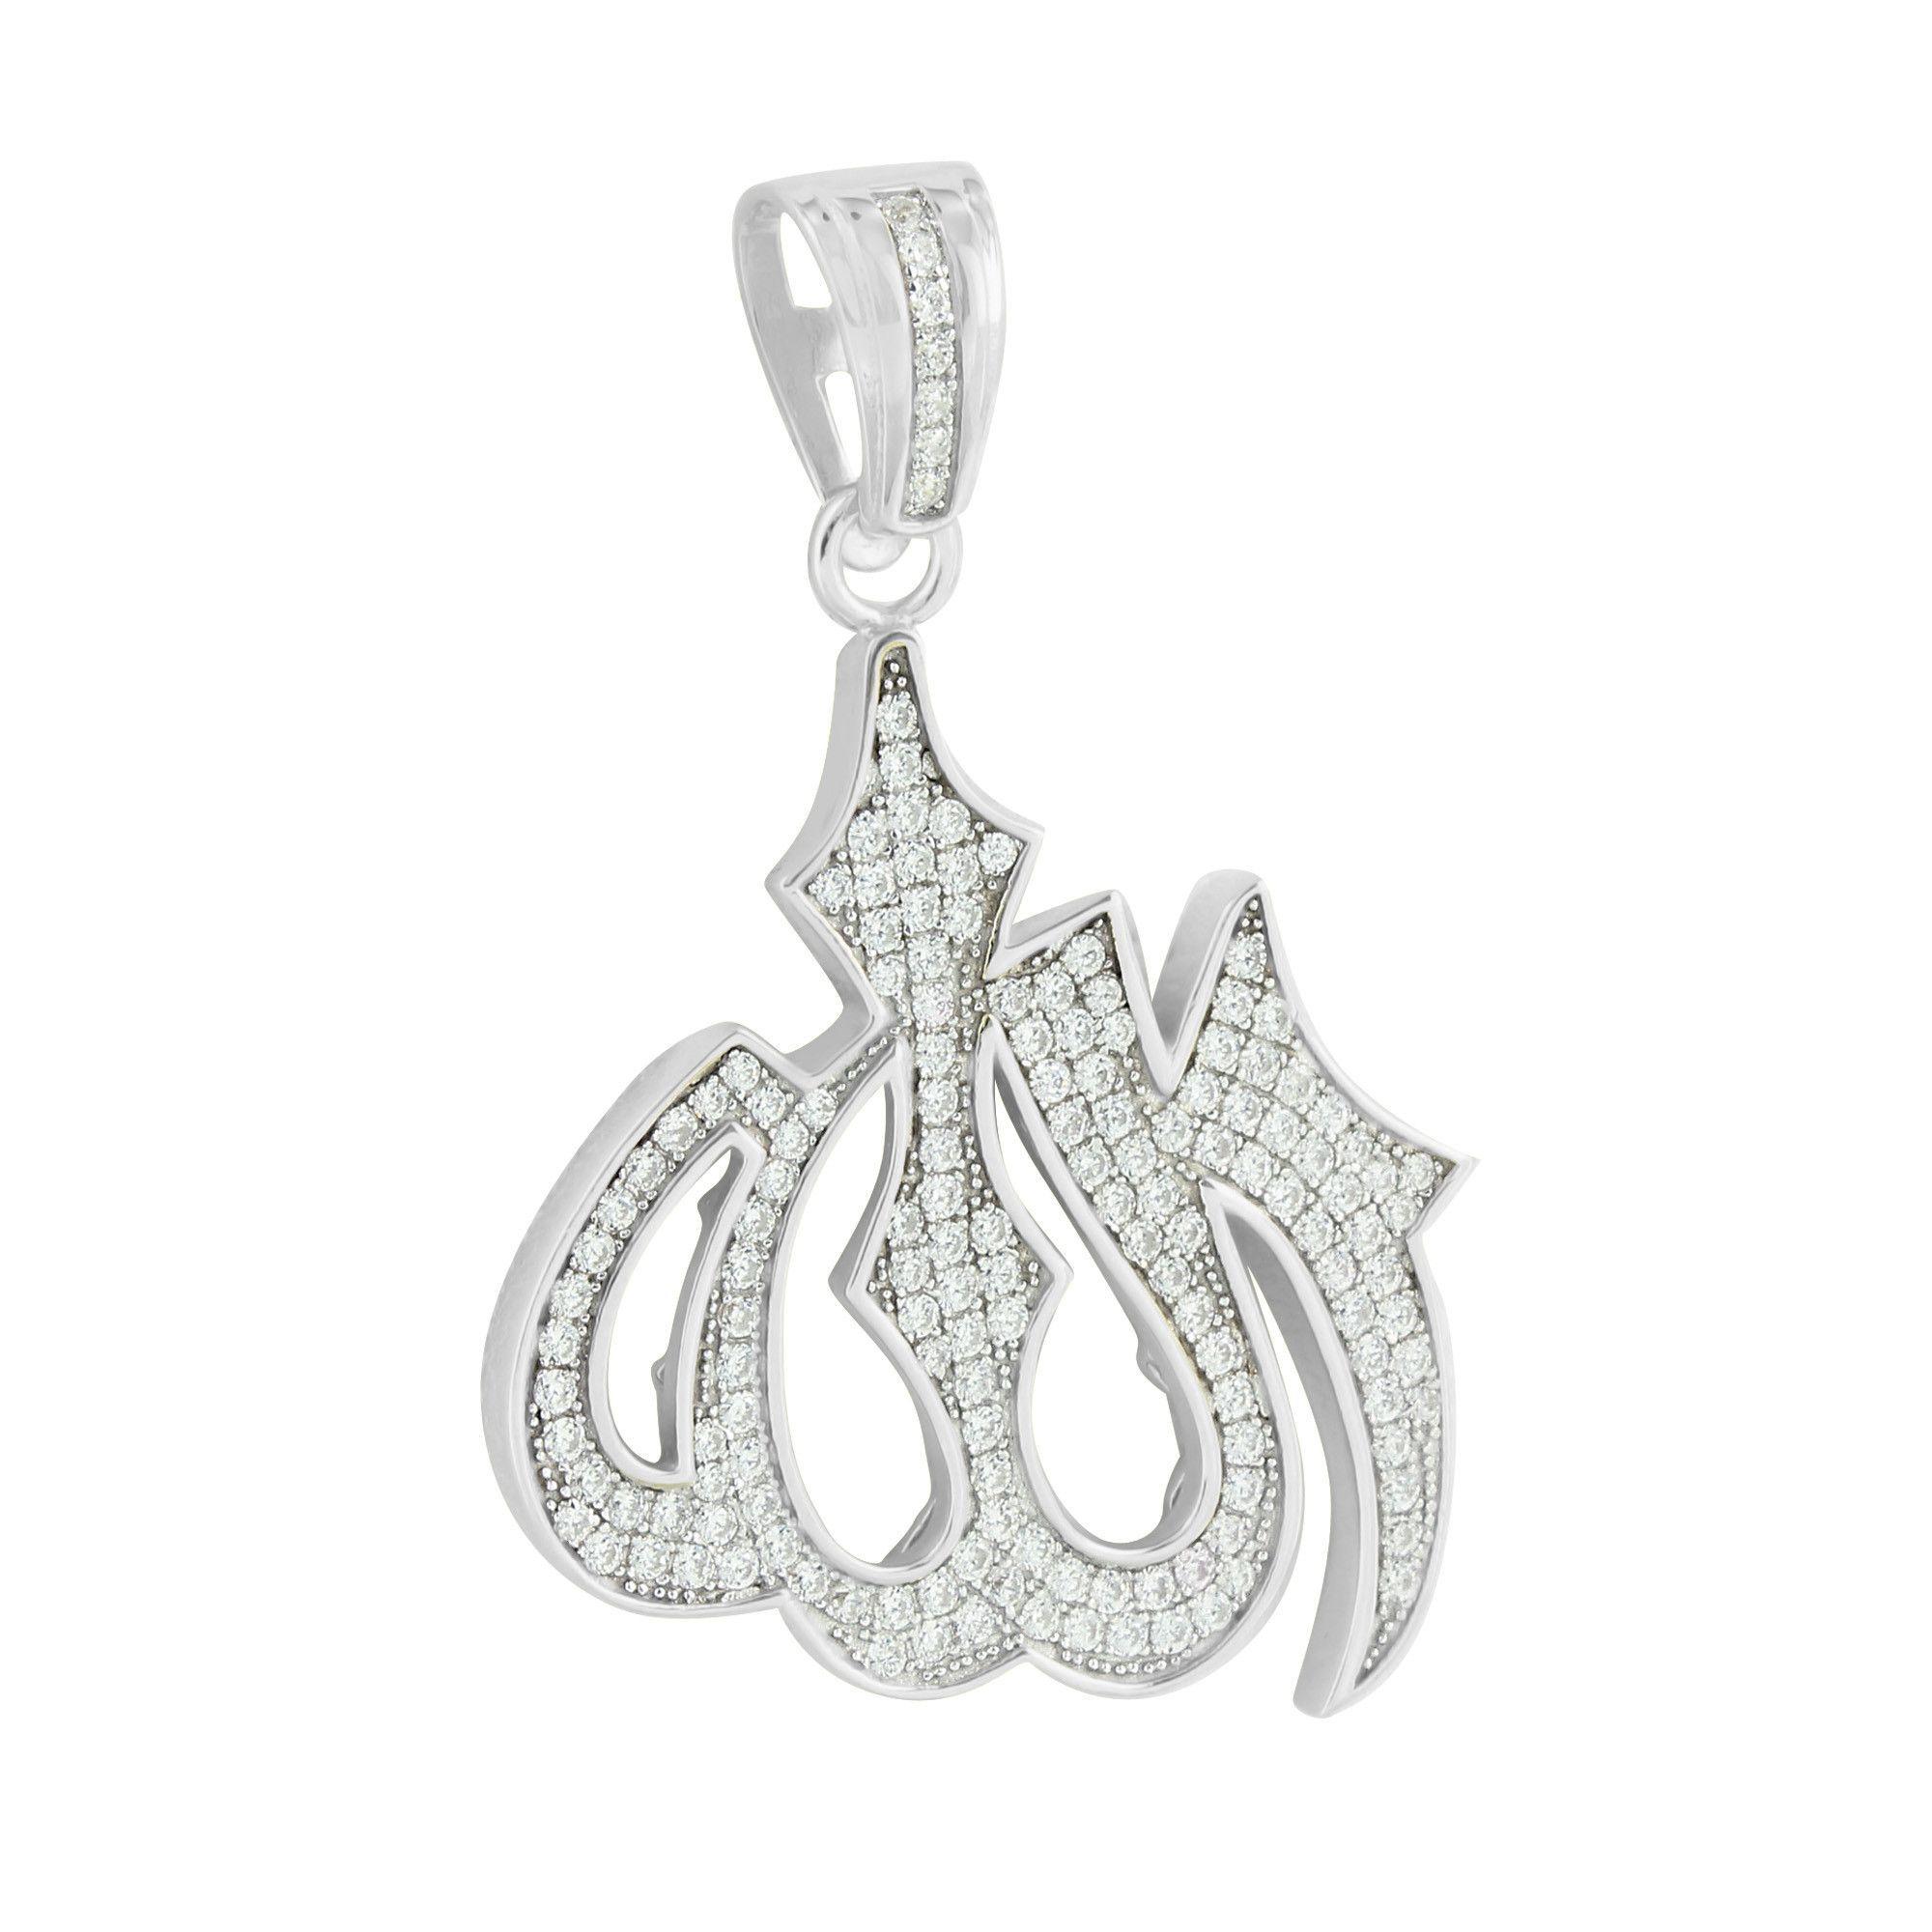 Allah pendant white gold finish muslim god meek pinterest allah pendant white gold finish muslim god aloadofball Gallery